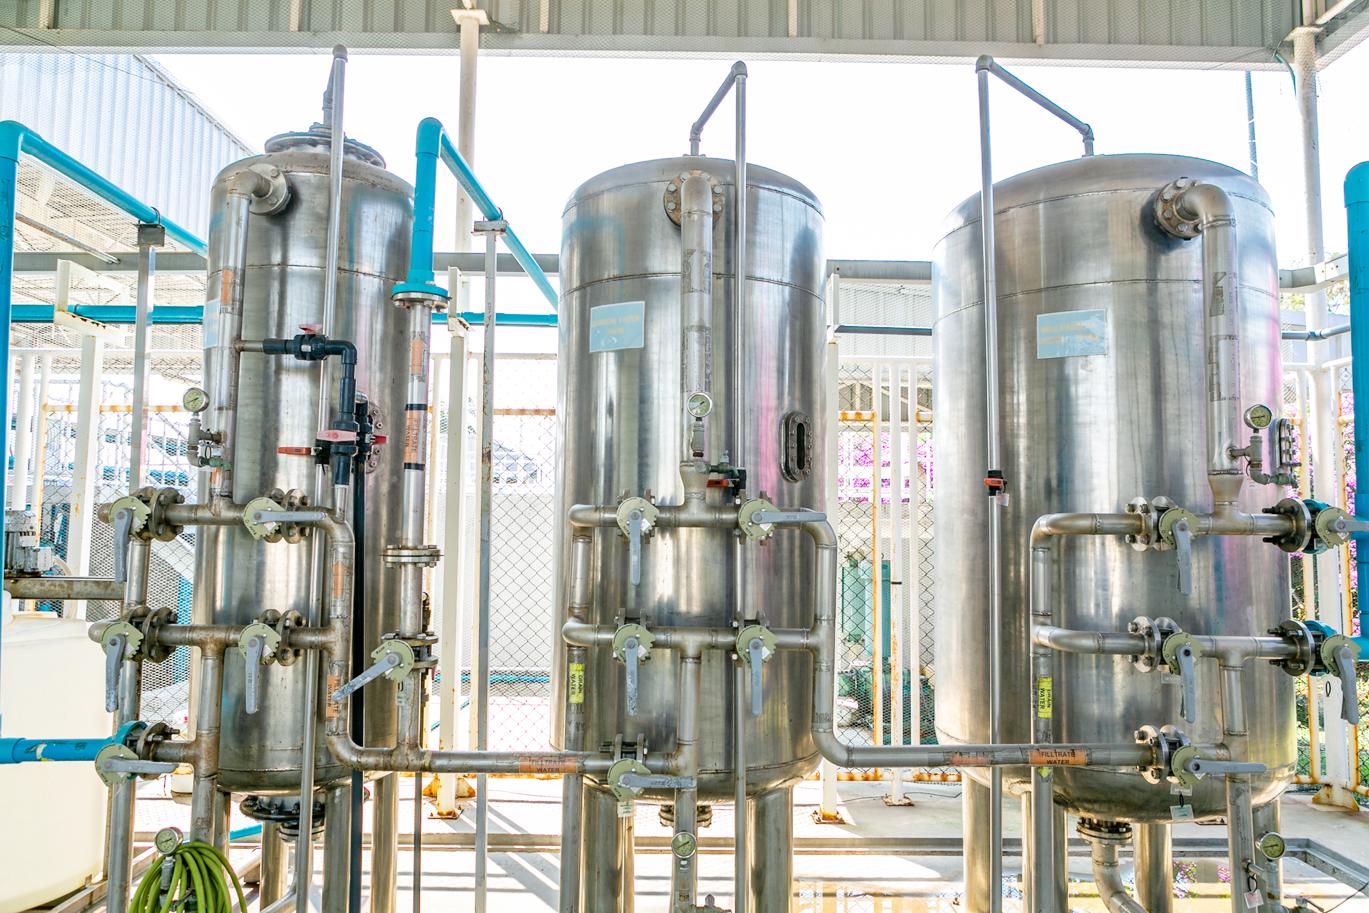 工業団地で供給される水を通常の炭で浮遊物を取り除き、さらに活性炭で臭いや塩素を除去。その後、イオン交換樹脂で軟水化する。